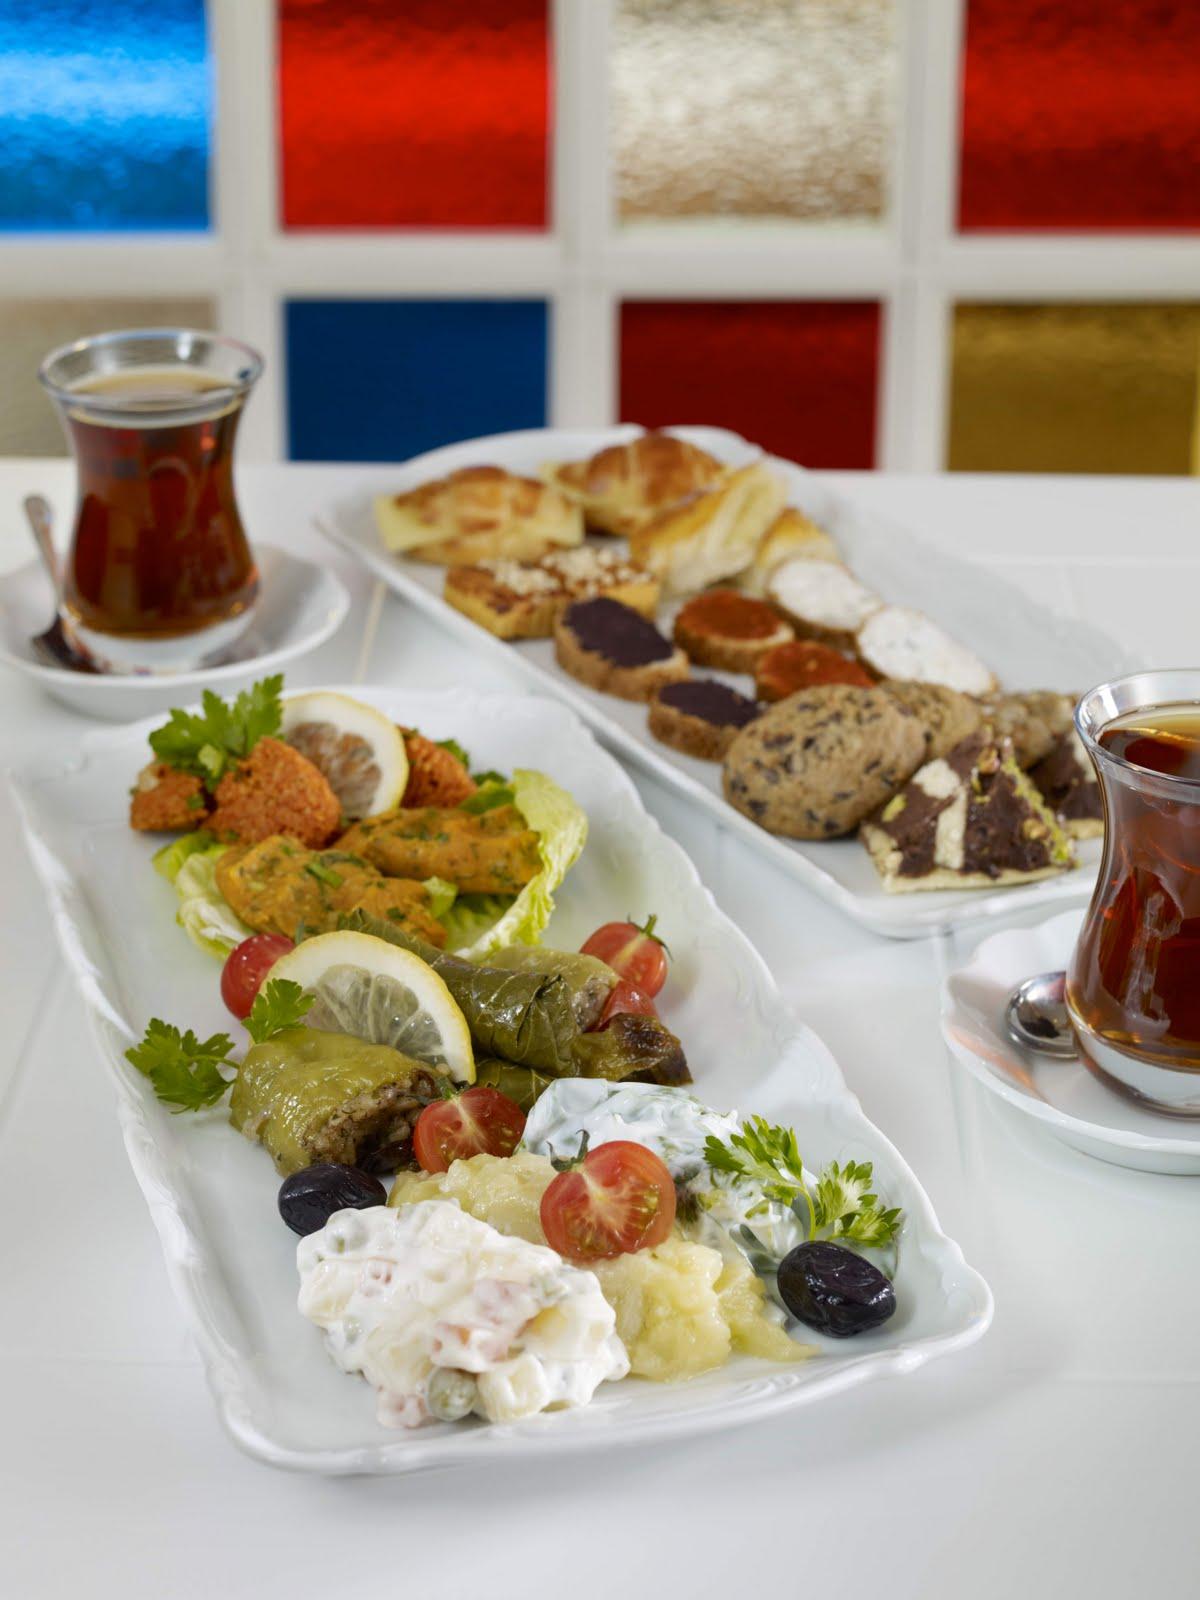 Zamane Kahvesi